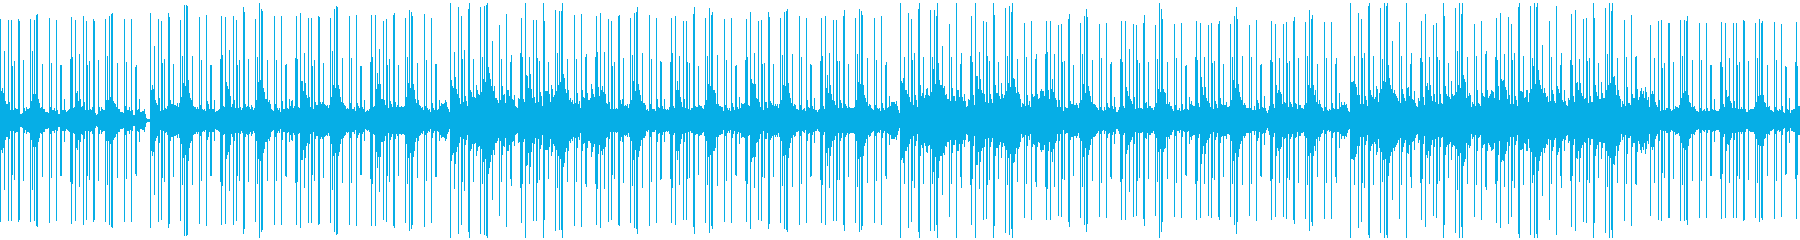 優しいローファイヒップホップ チルアウトの再生済みの波形